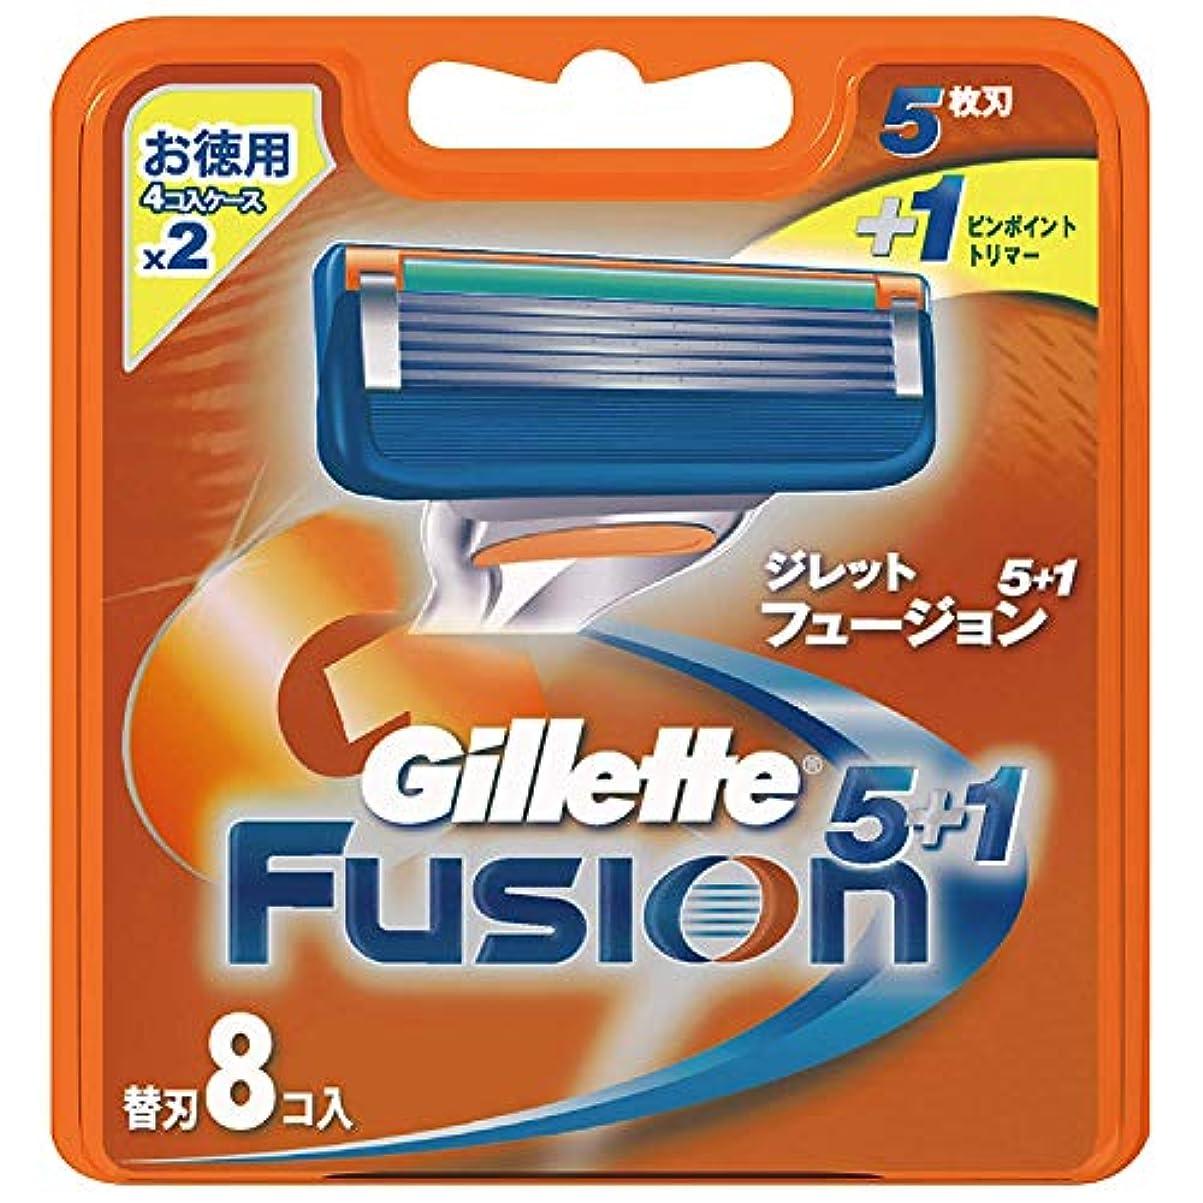 松明代わりに可動式ジレット フュージョン5+1 マニュアル 髭剃り 替刃 8コ入 × 20点